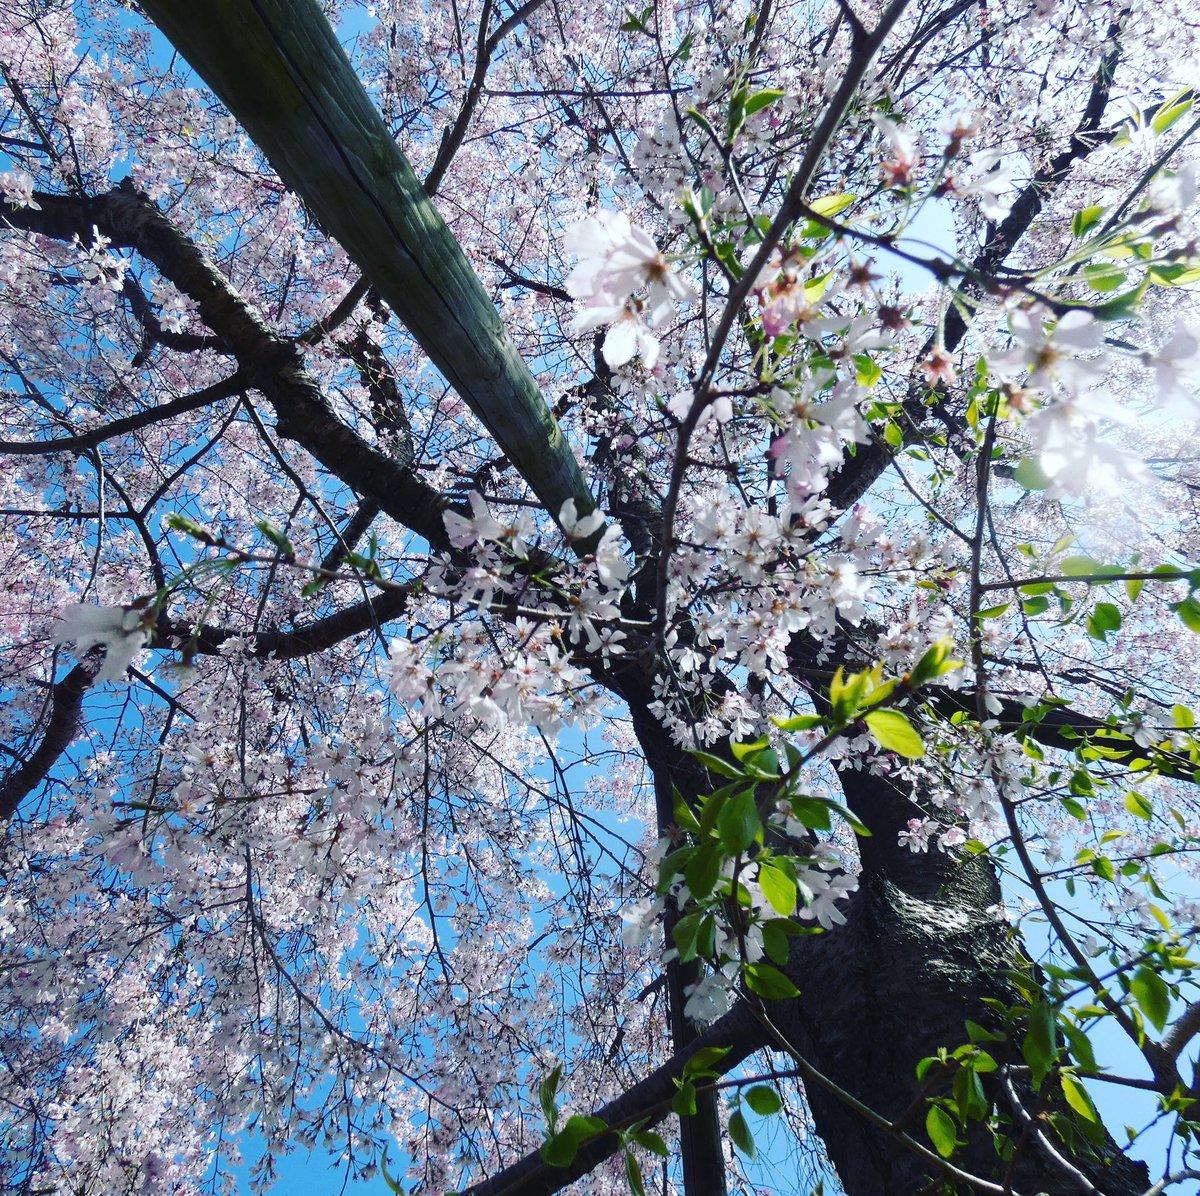 #TLを花でいっぱいにしよう  #春 https://t.co/JQaptGImmD